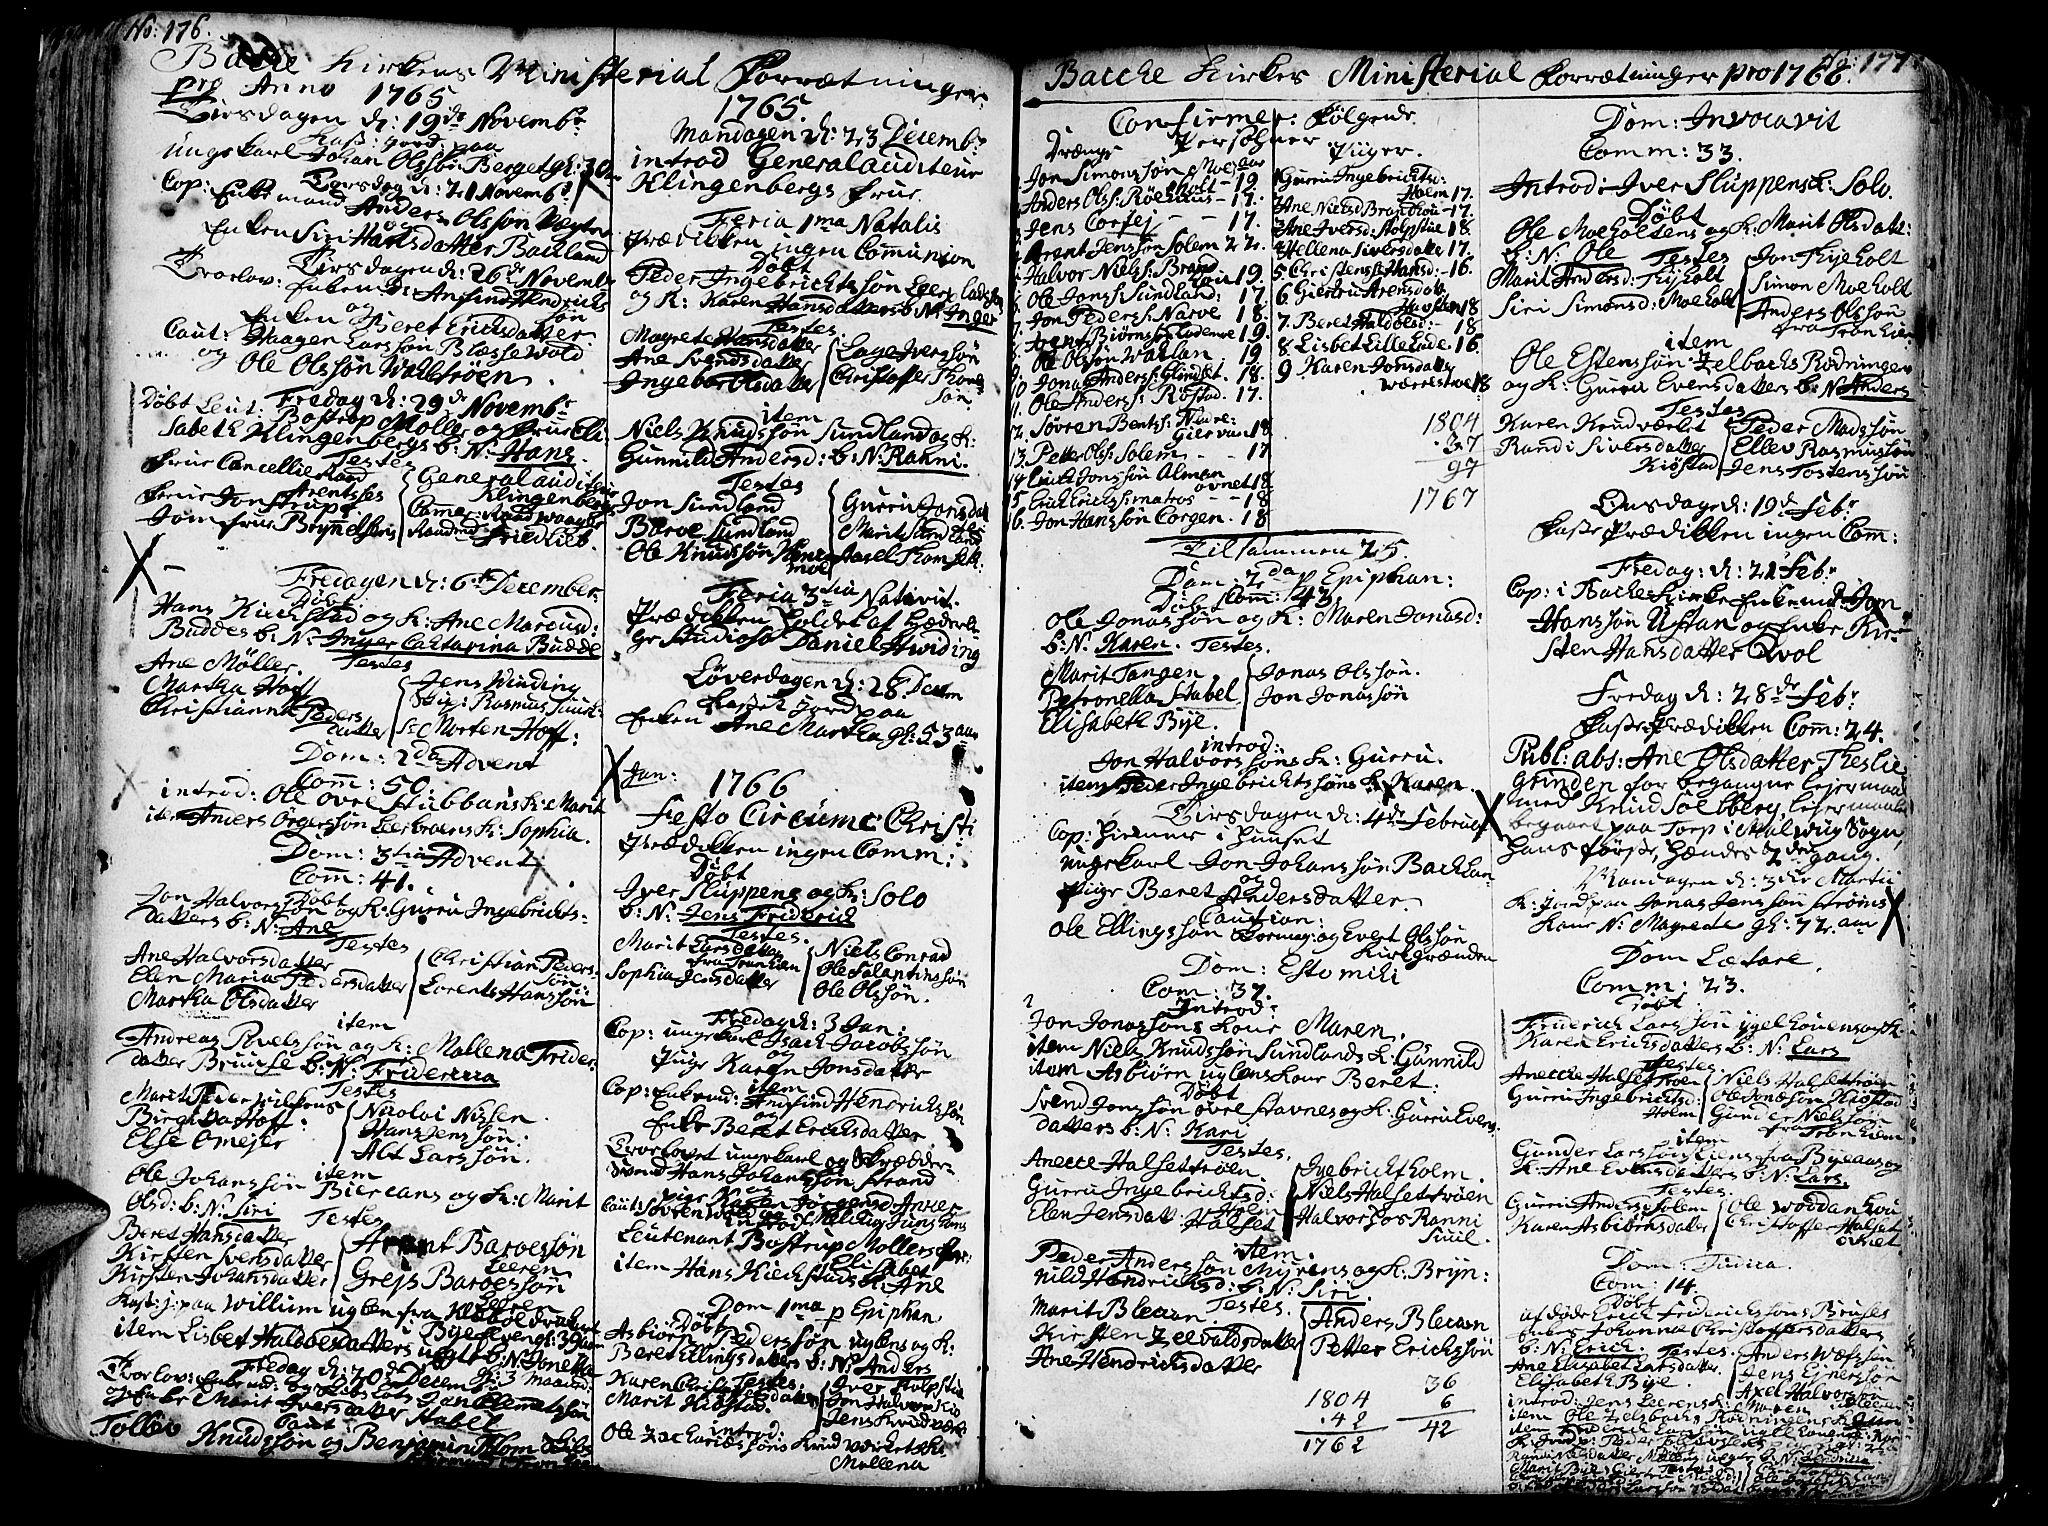 SAT, Ministerialprotokoller, klokkerbøker og fødselsregistre - Sør-Trøndelag, 606/L0276: Ministerialbok nr. 606A01 /2, 1727-1779, s. 176-177